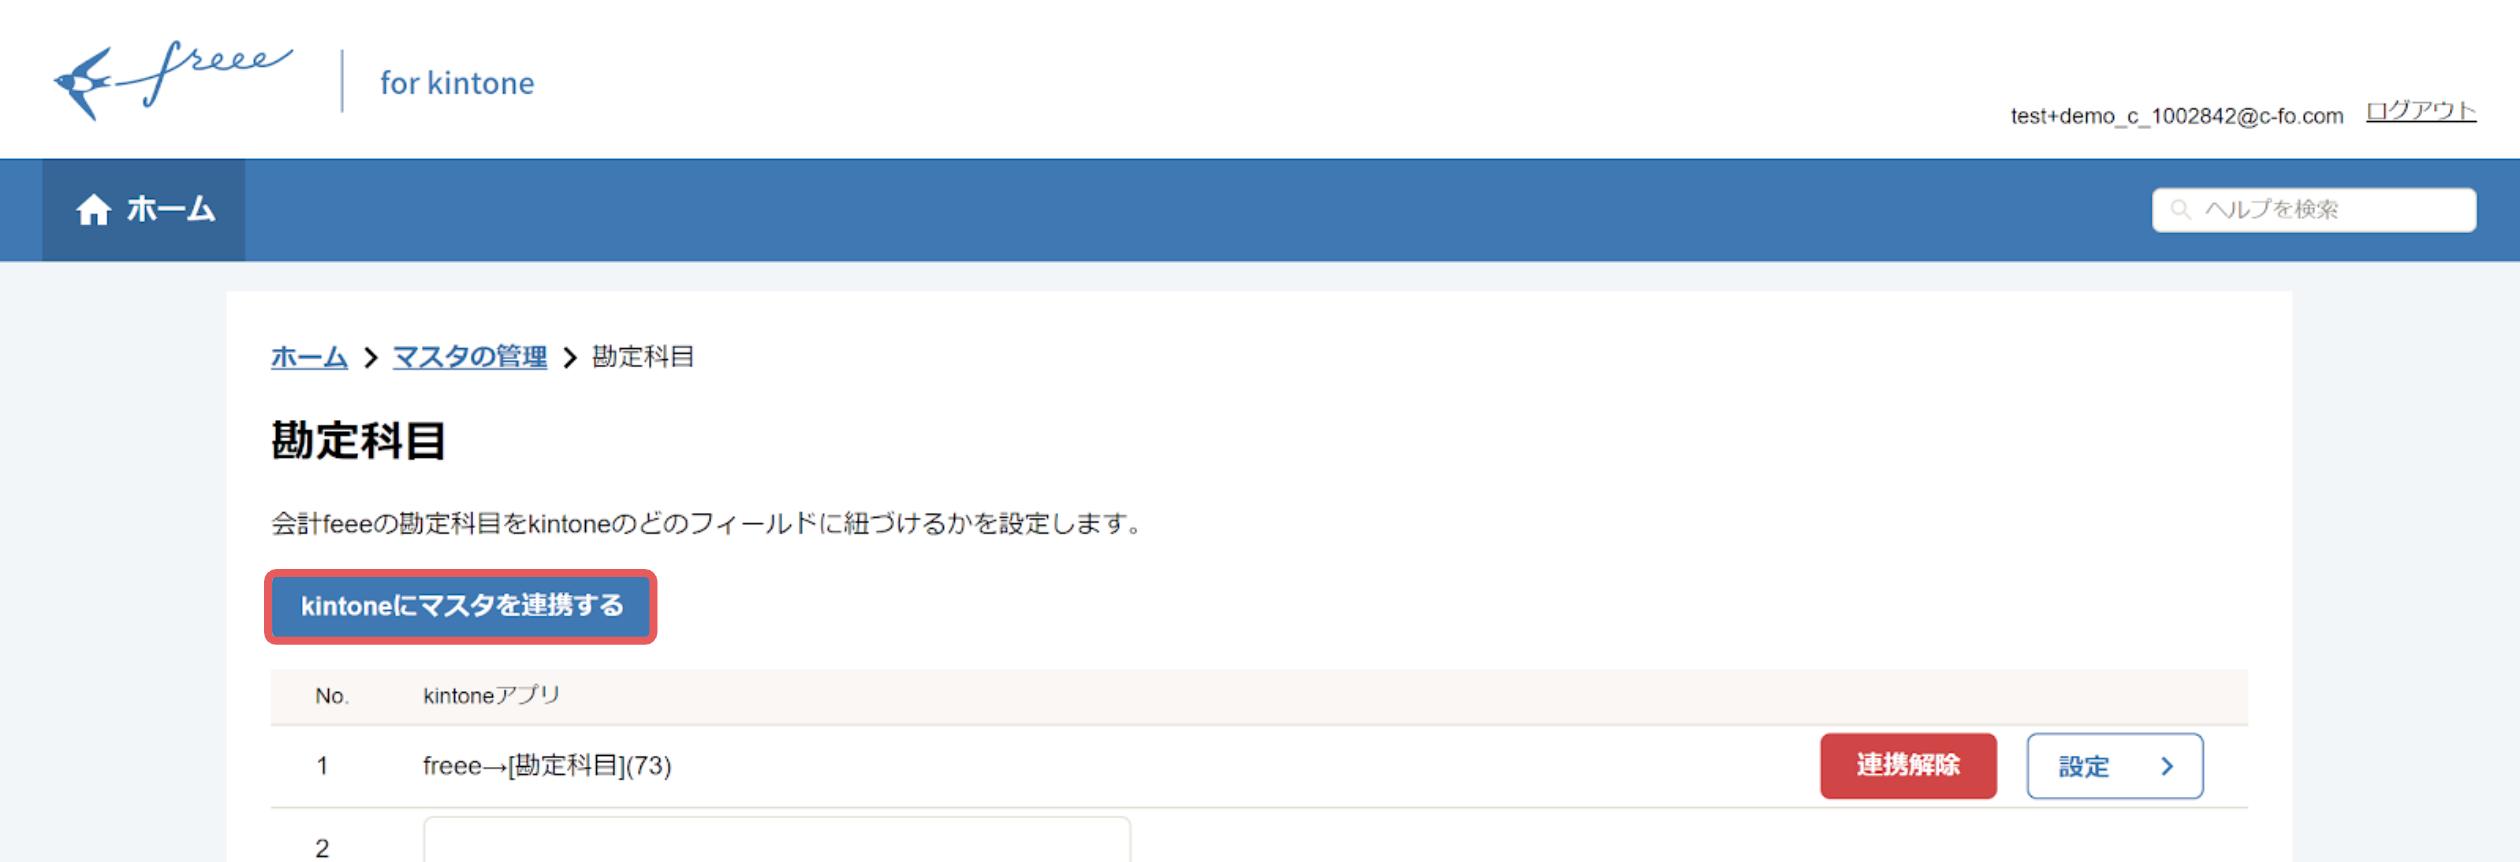 Screen_Shot_2020-07-09_at_16.03.47.png